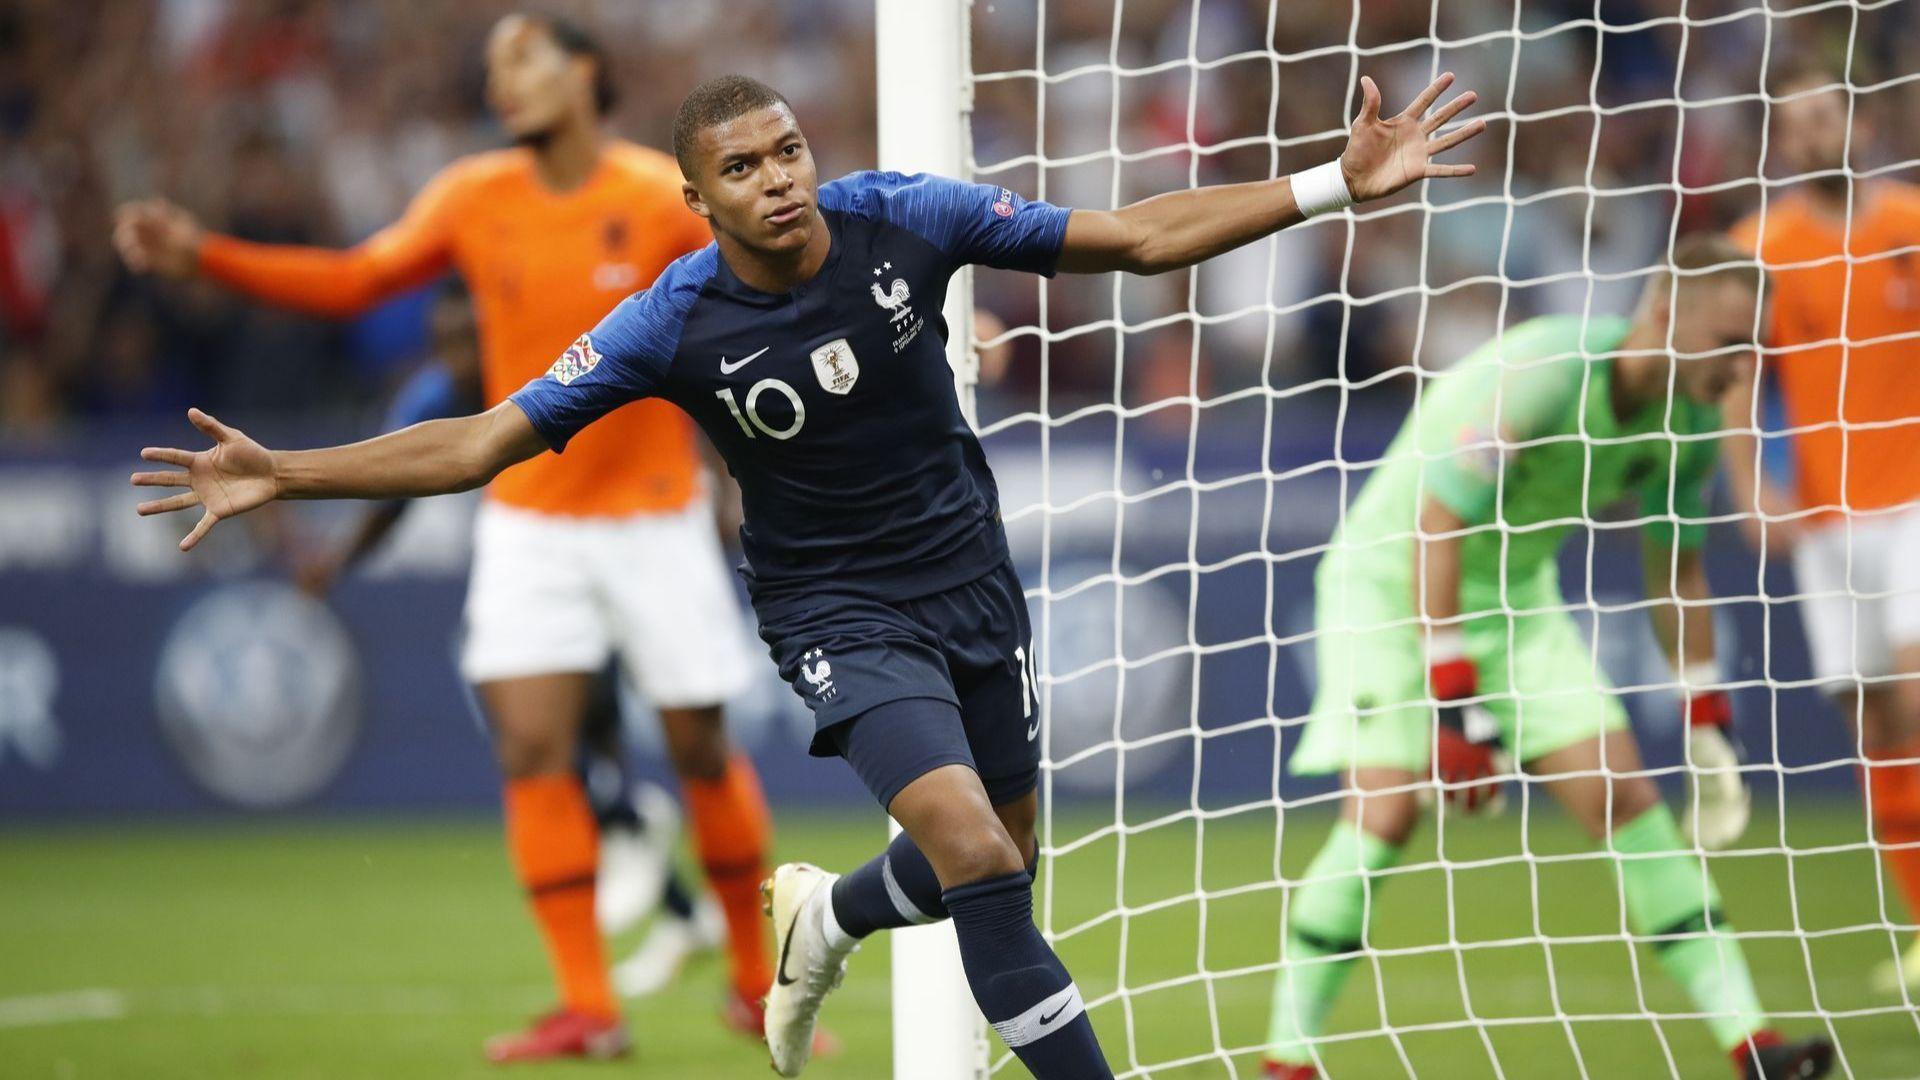 """Шампионът се завърна в Париж с победа, вдъхновен от """"златното момче"""" (резултати)"""